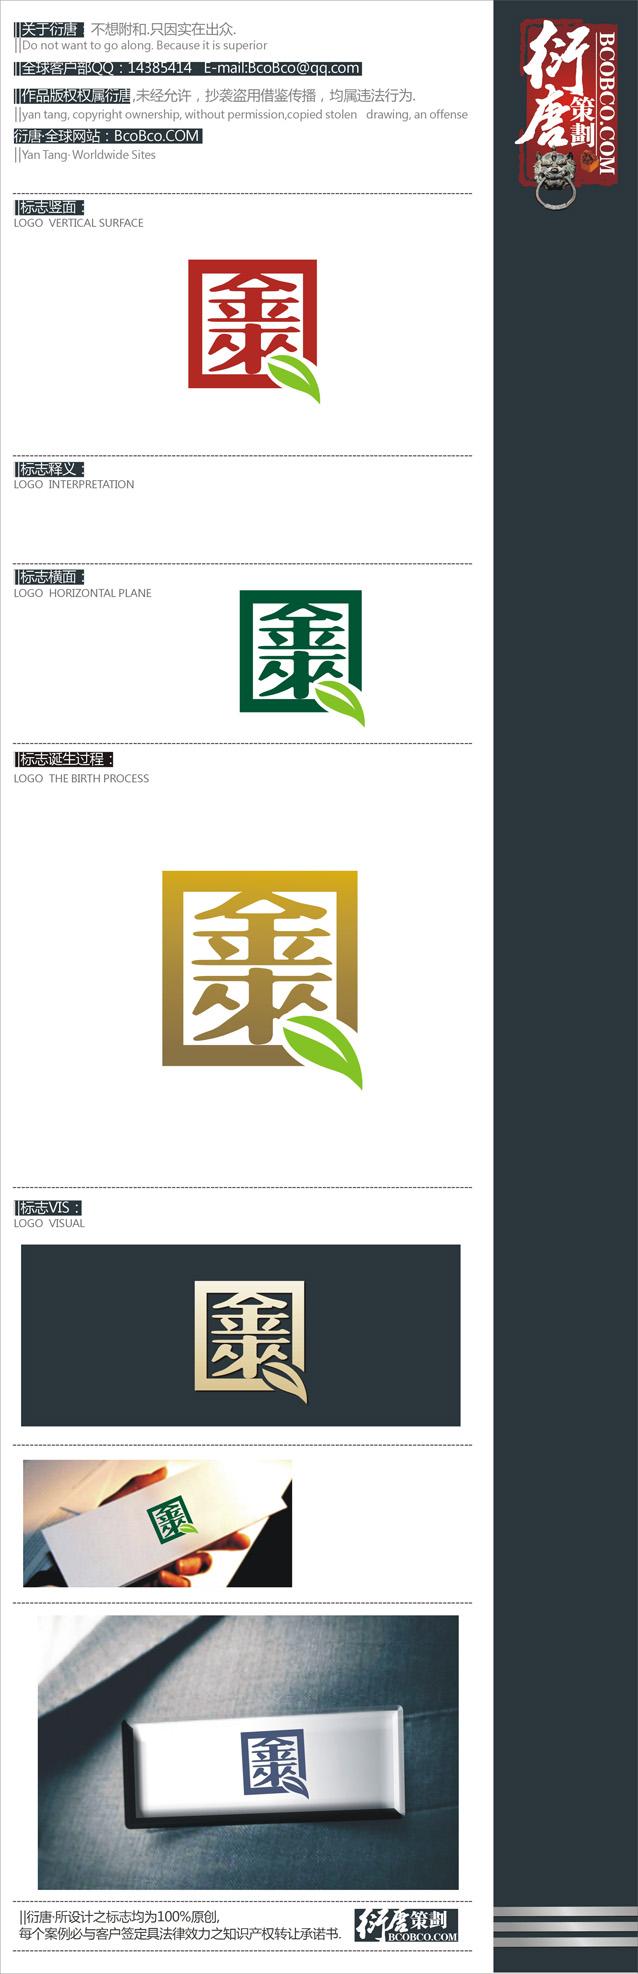 葡萄酒是新研发的品种。 商标名称是:金来或金兰(字体可以设计者自主选择) 主要特点是:绿色健康,在酿造过程中没有添加过任何添加剂,传统方式酿造。 商标要求:简单易记,能给人一种含有中国文化的感觉,整体形状能够便于印在橡木塞上。 标签要求:同样的,要简明,不需要复杂和过多的色彩,但是也不会给人的感觉很单调。